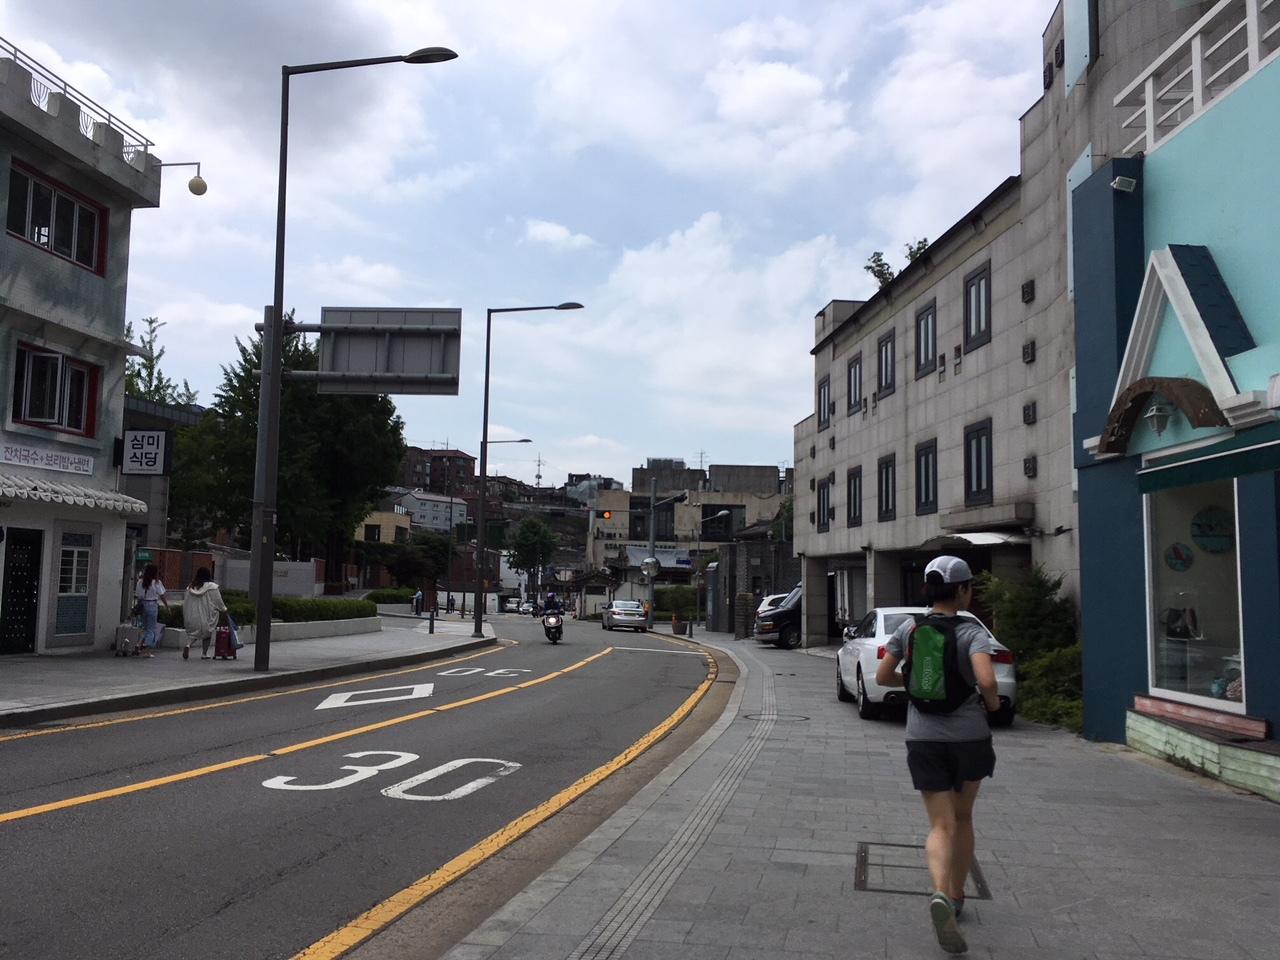 2018.6.14-16 滞在45時間の濃厚Seoul Trip_b0219778_22352280.jpeg